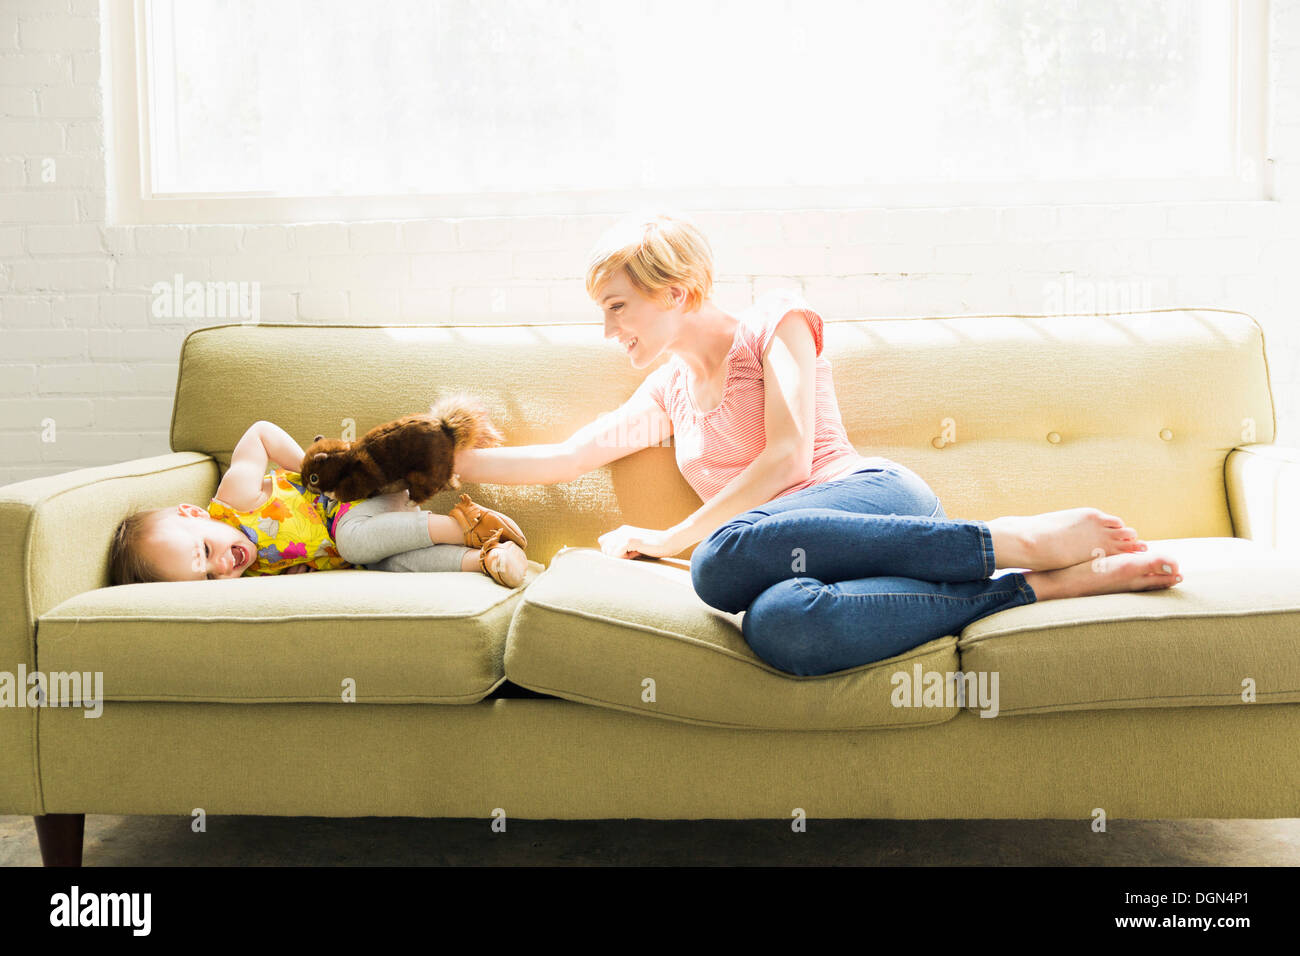 Madre jugando con su bebé hija (12-17 meses) Imagen De Stock